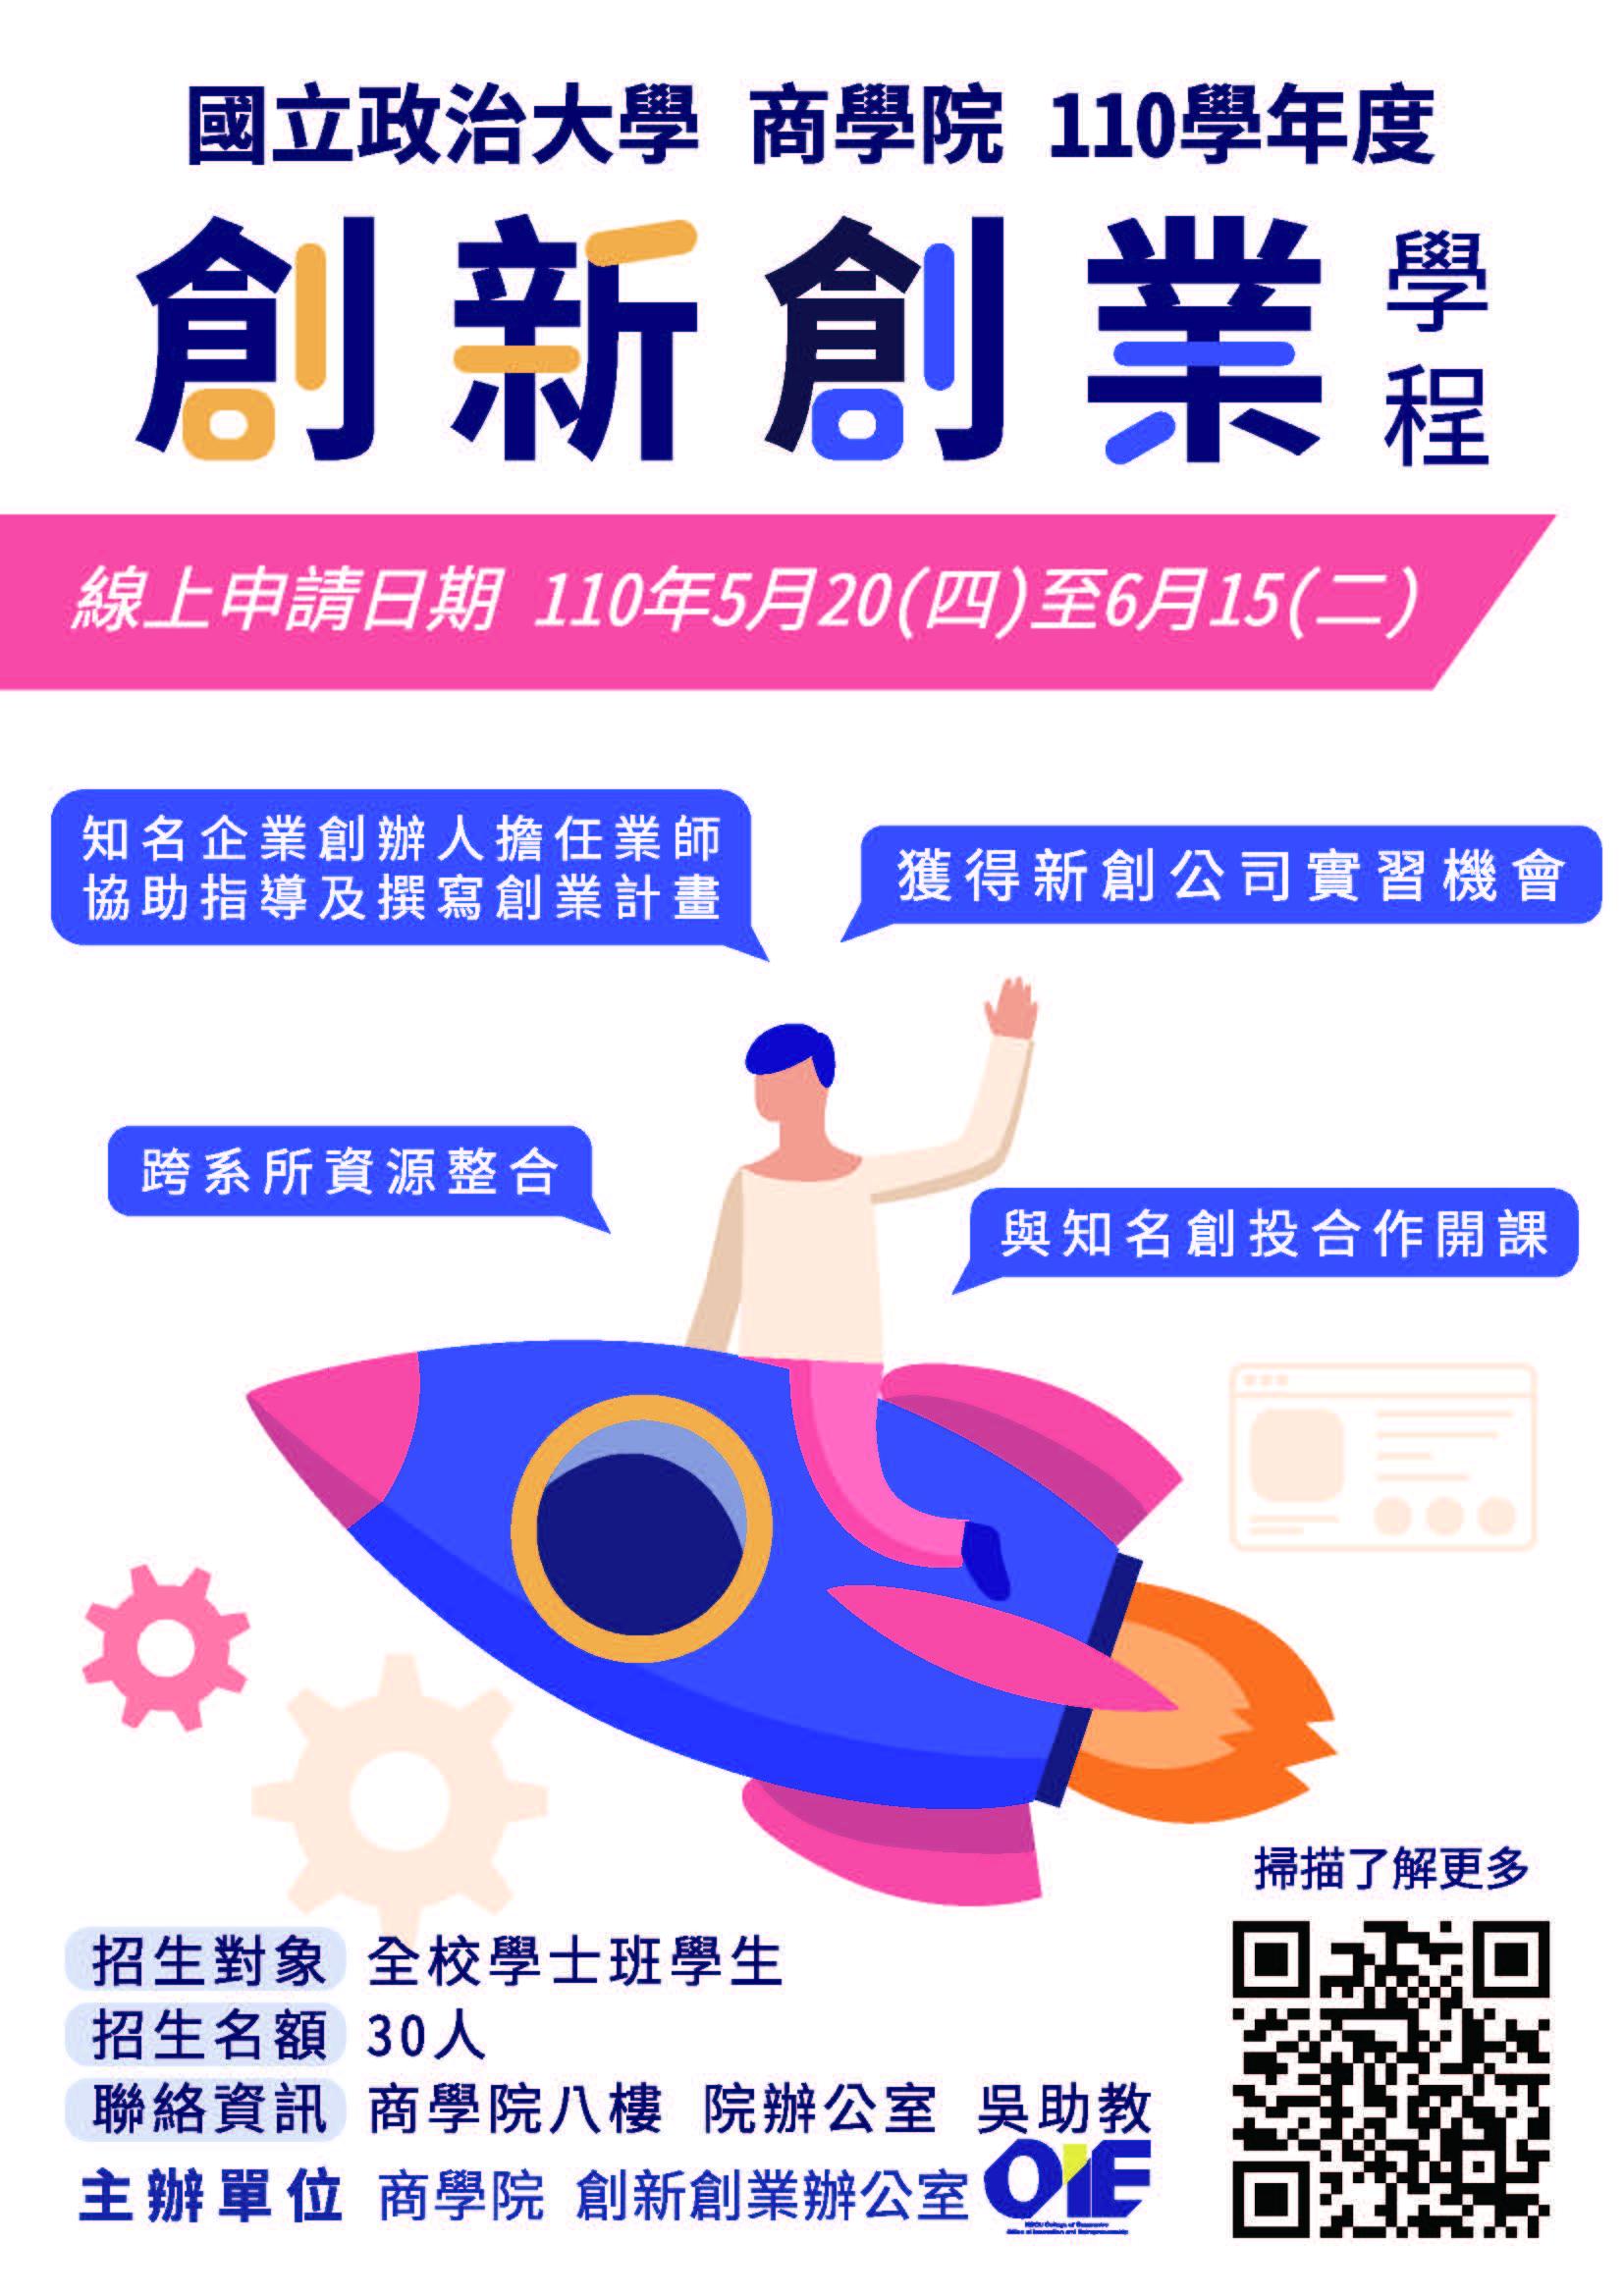 創新創業學程 招生中